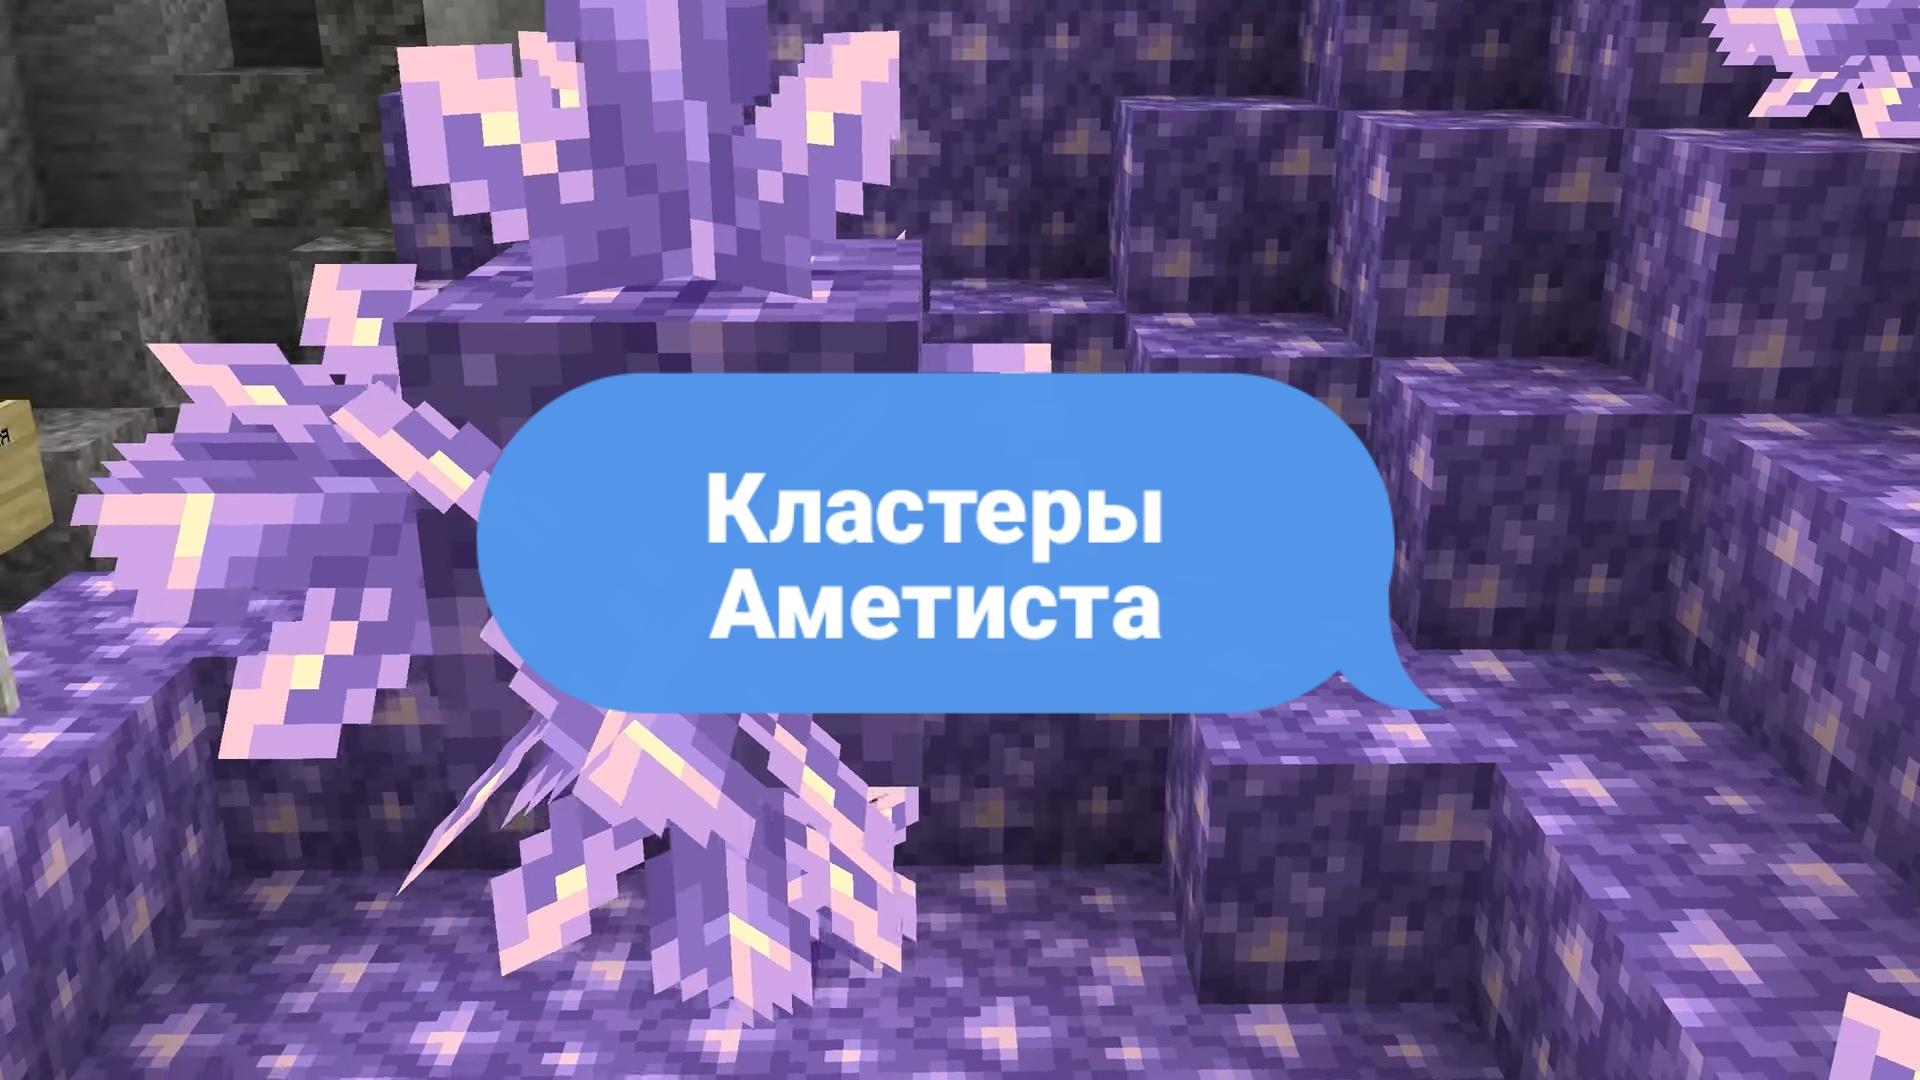 Кластеры аметиста в Майнкрафт